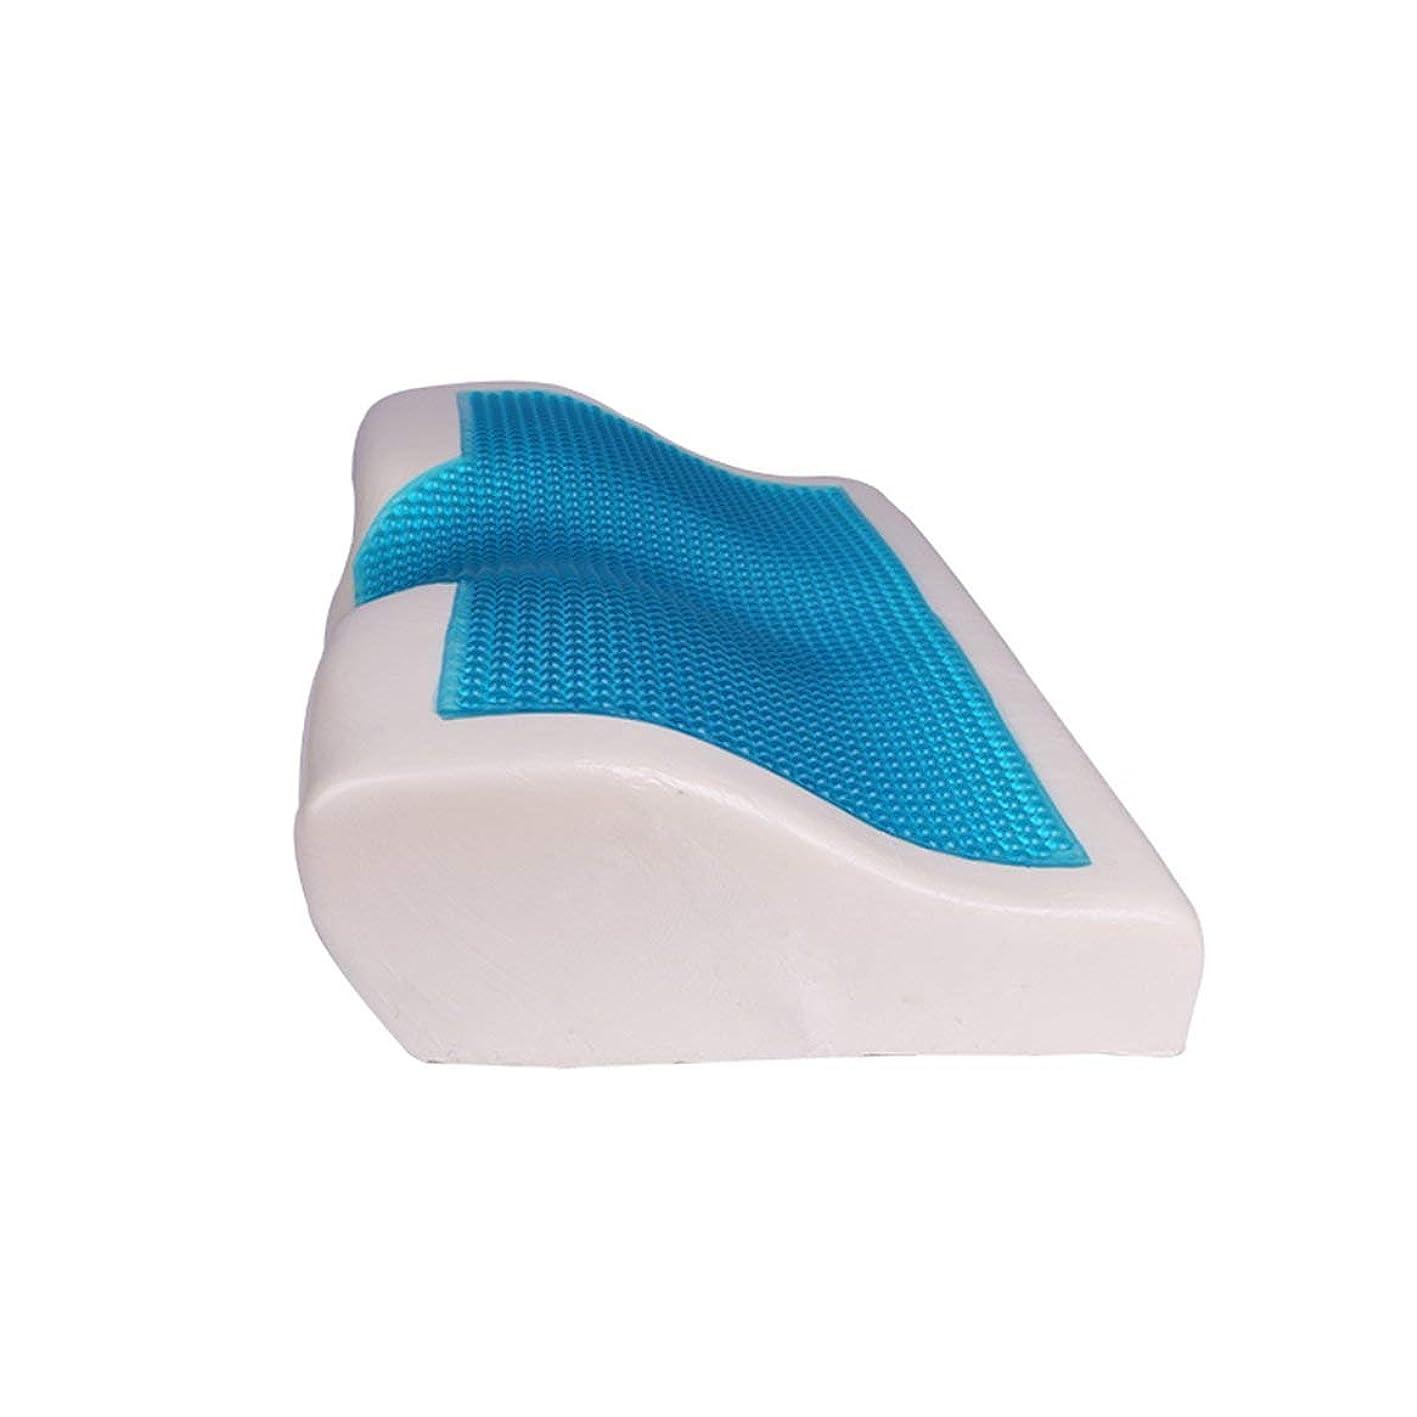 違法トロイの木馬変位低反発クールなジェル枕夏の冷たい眠りの青涼しい快適なジェルベッド枕クッション用寝具(白)